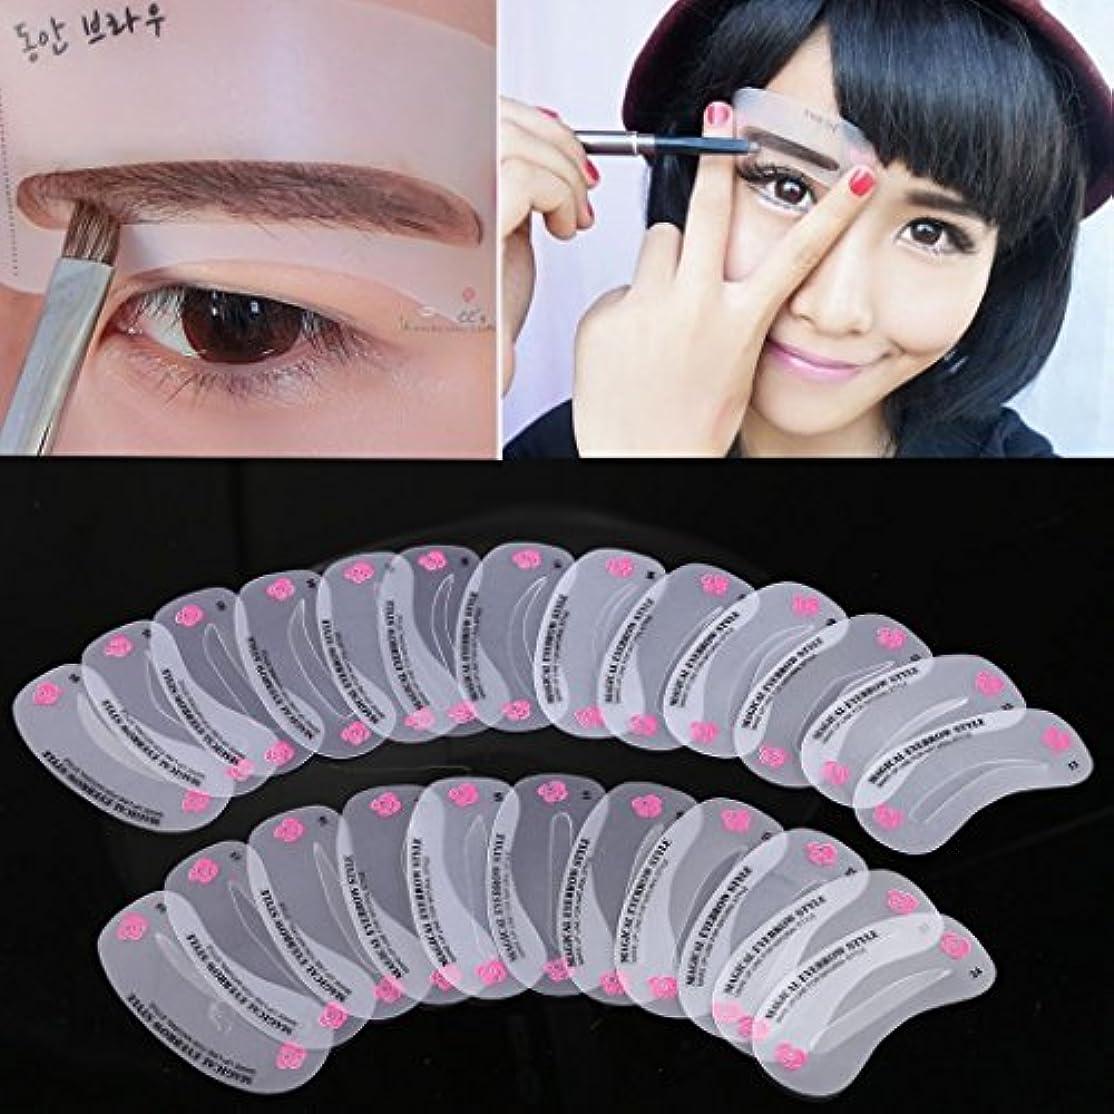 によって失敗座る24種類の眉毛のスタイルは、グルーミングステンシルを設定するメイクアップシェイプキット眉毛